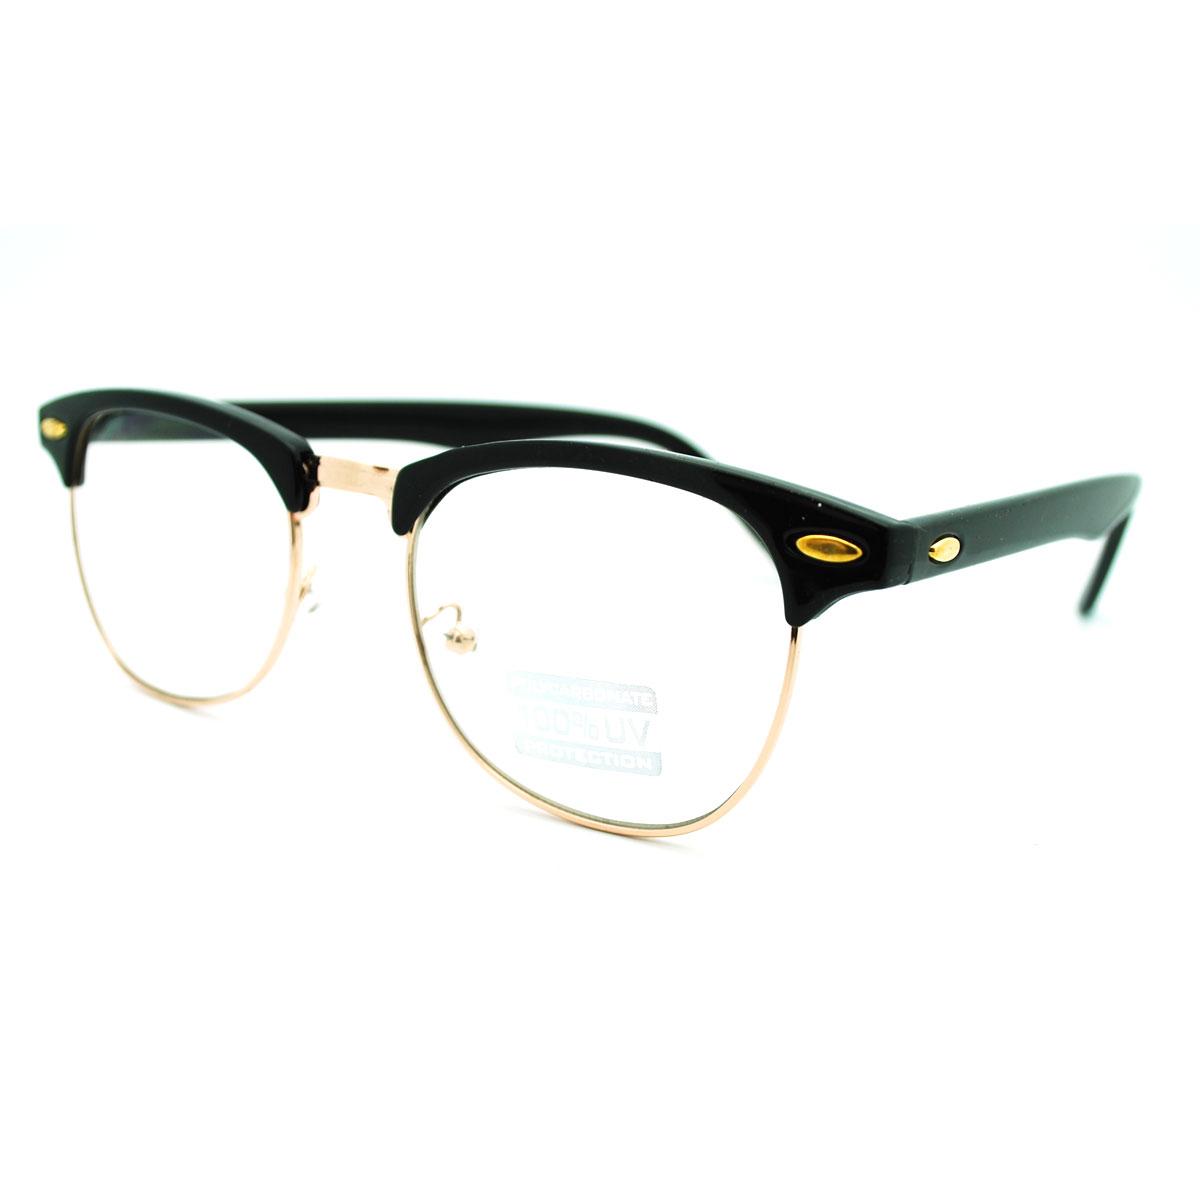 Half Frame Horn Rimmed Glasses : Eyeglass Frame Club Half Horn Rimmed Glasses Unisex New ...